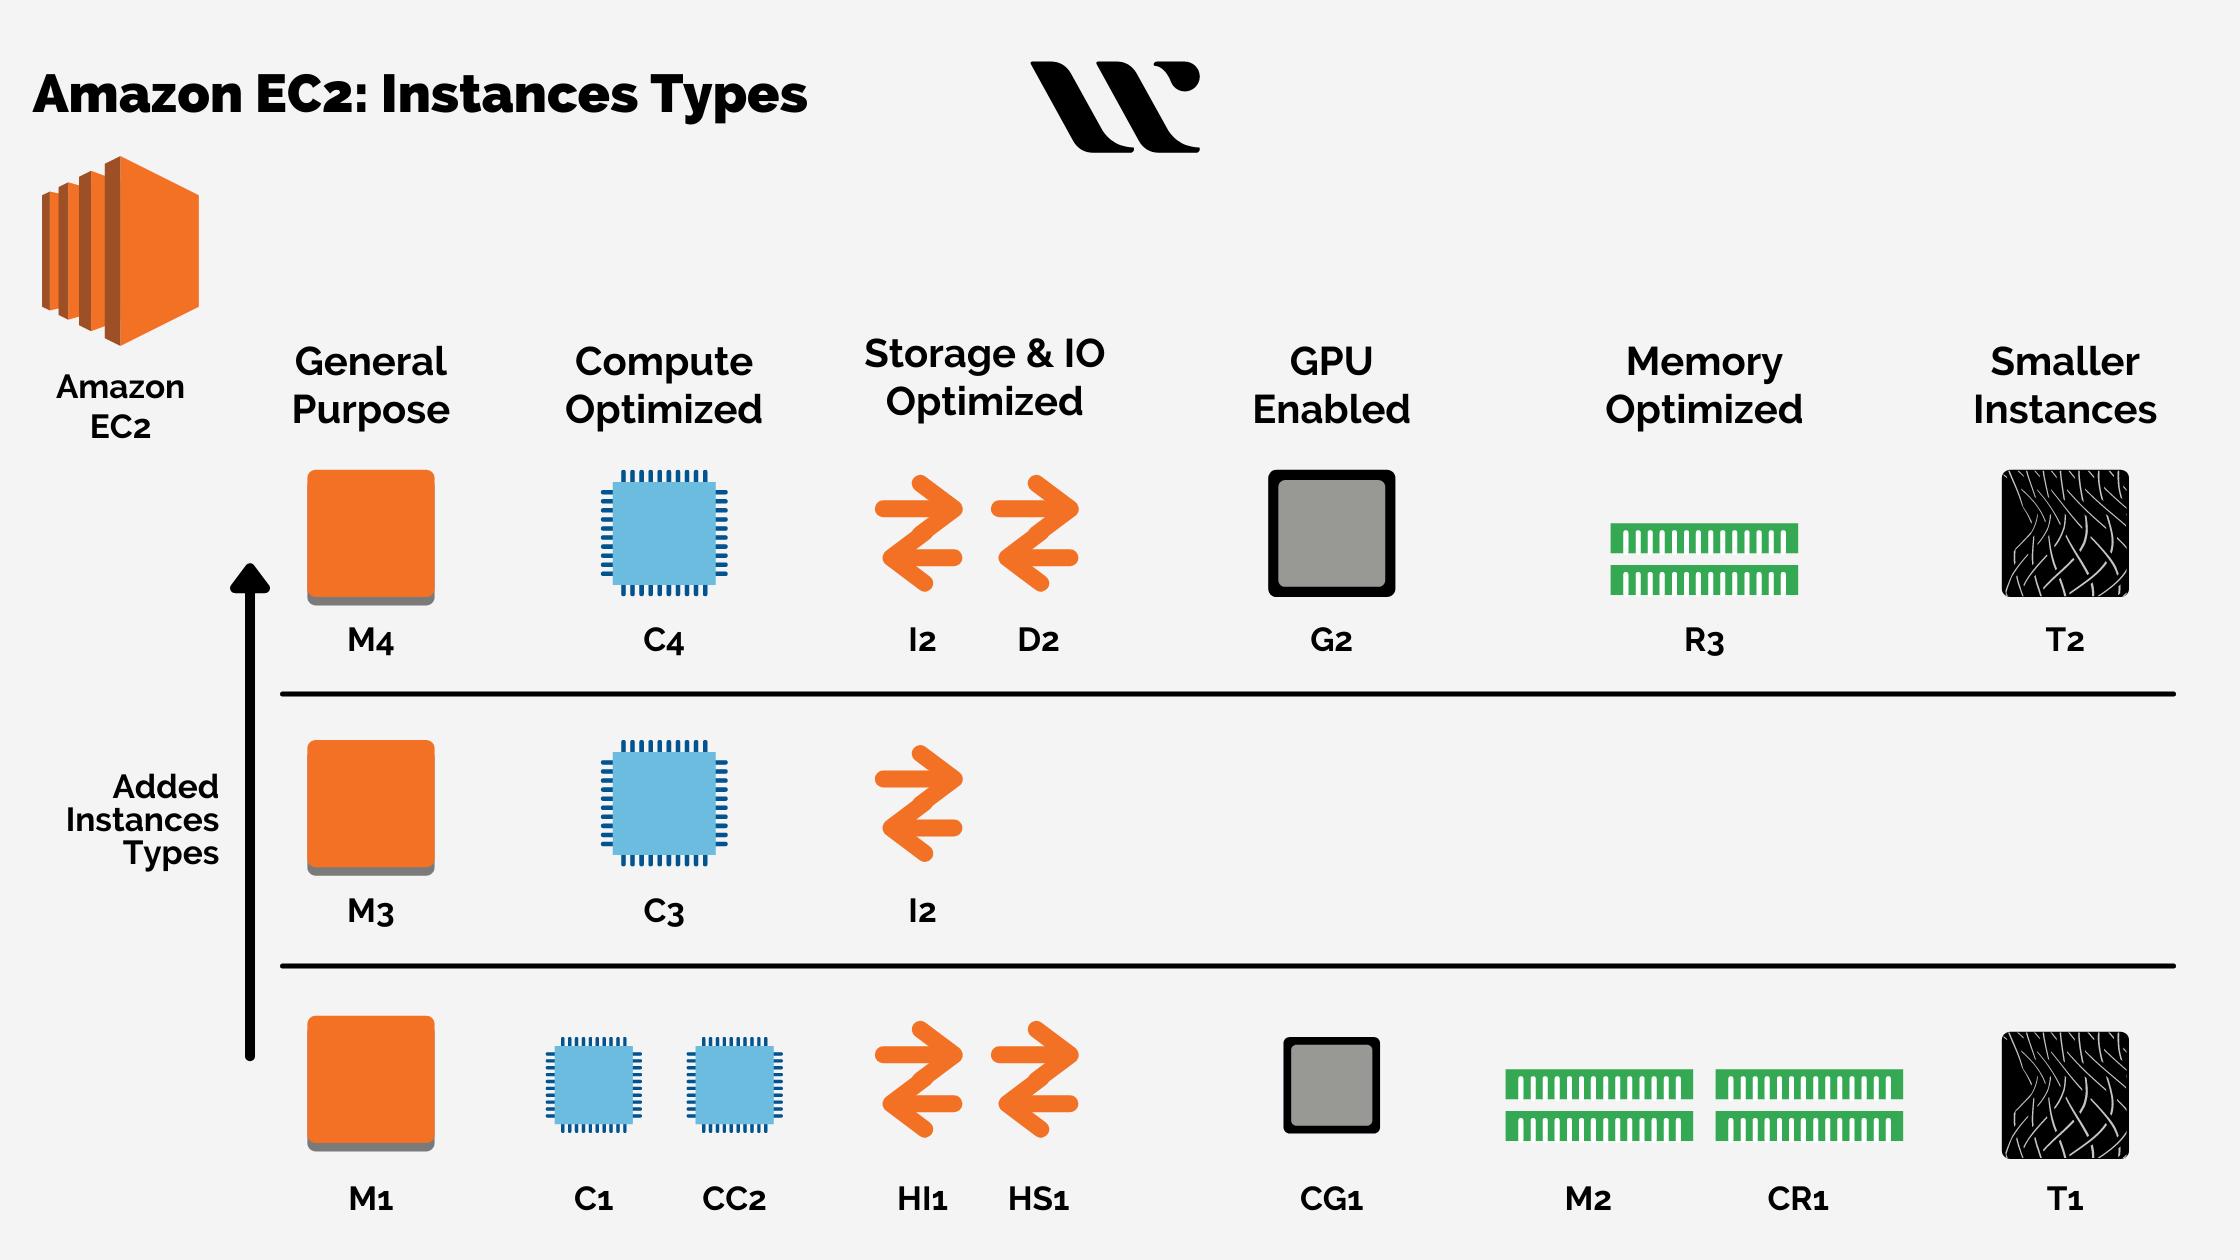 Amazon EC2 Instances Types